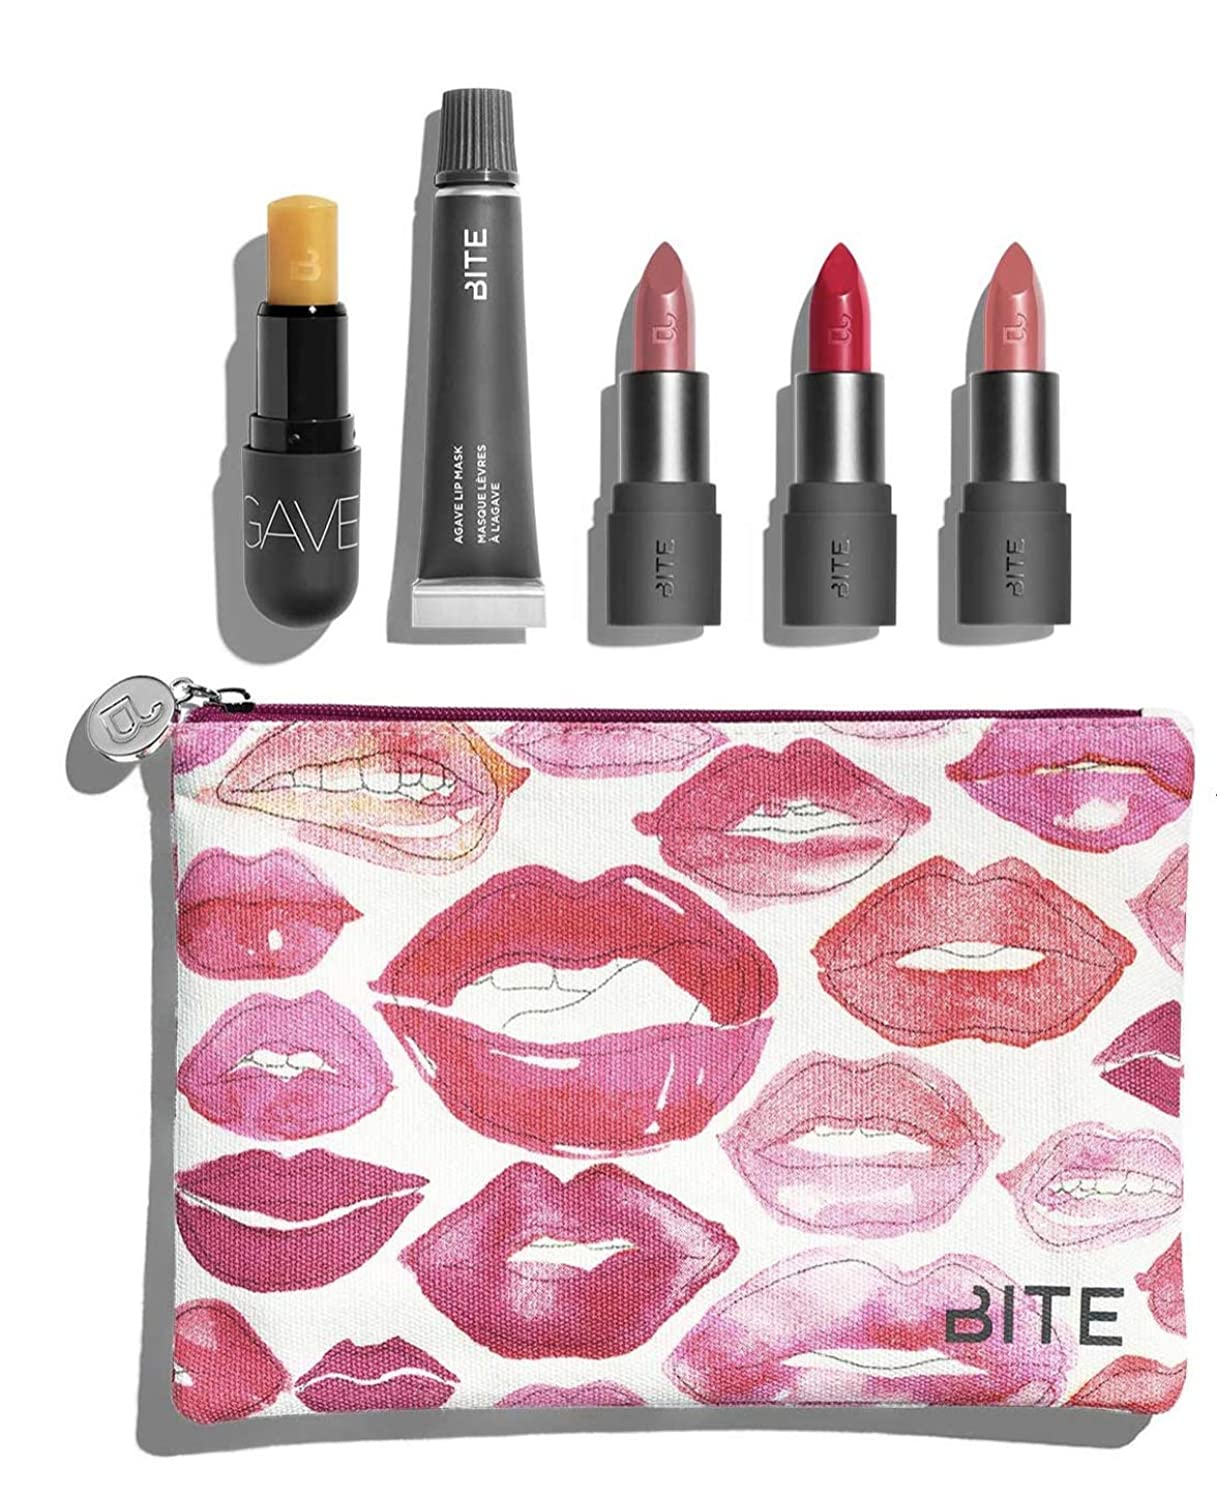 覆す貢献するブルームバイト ビューティー リップセット ポーチ付き Bite Beauty Kiss 'N Fly Lip Care & Lipstick Set マスカラ アイライナー アイブロー メイクアップ